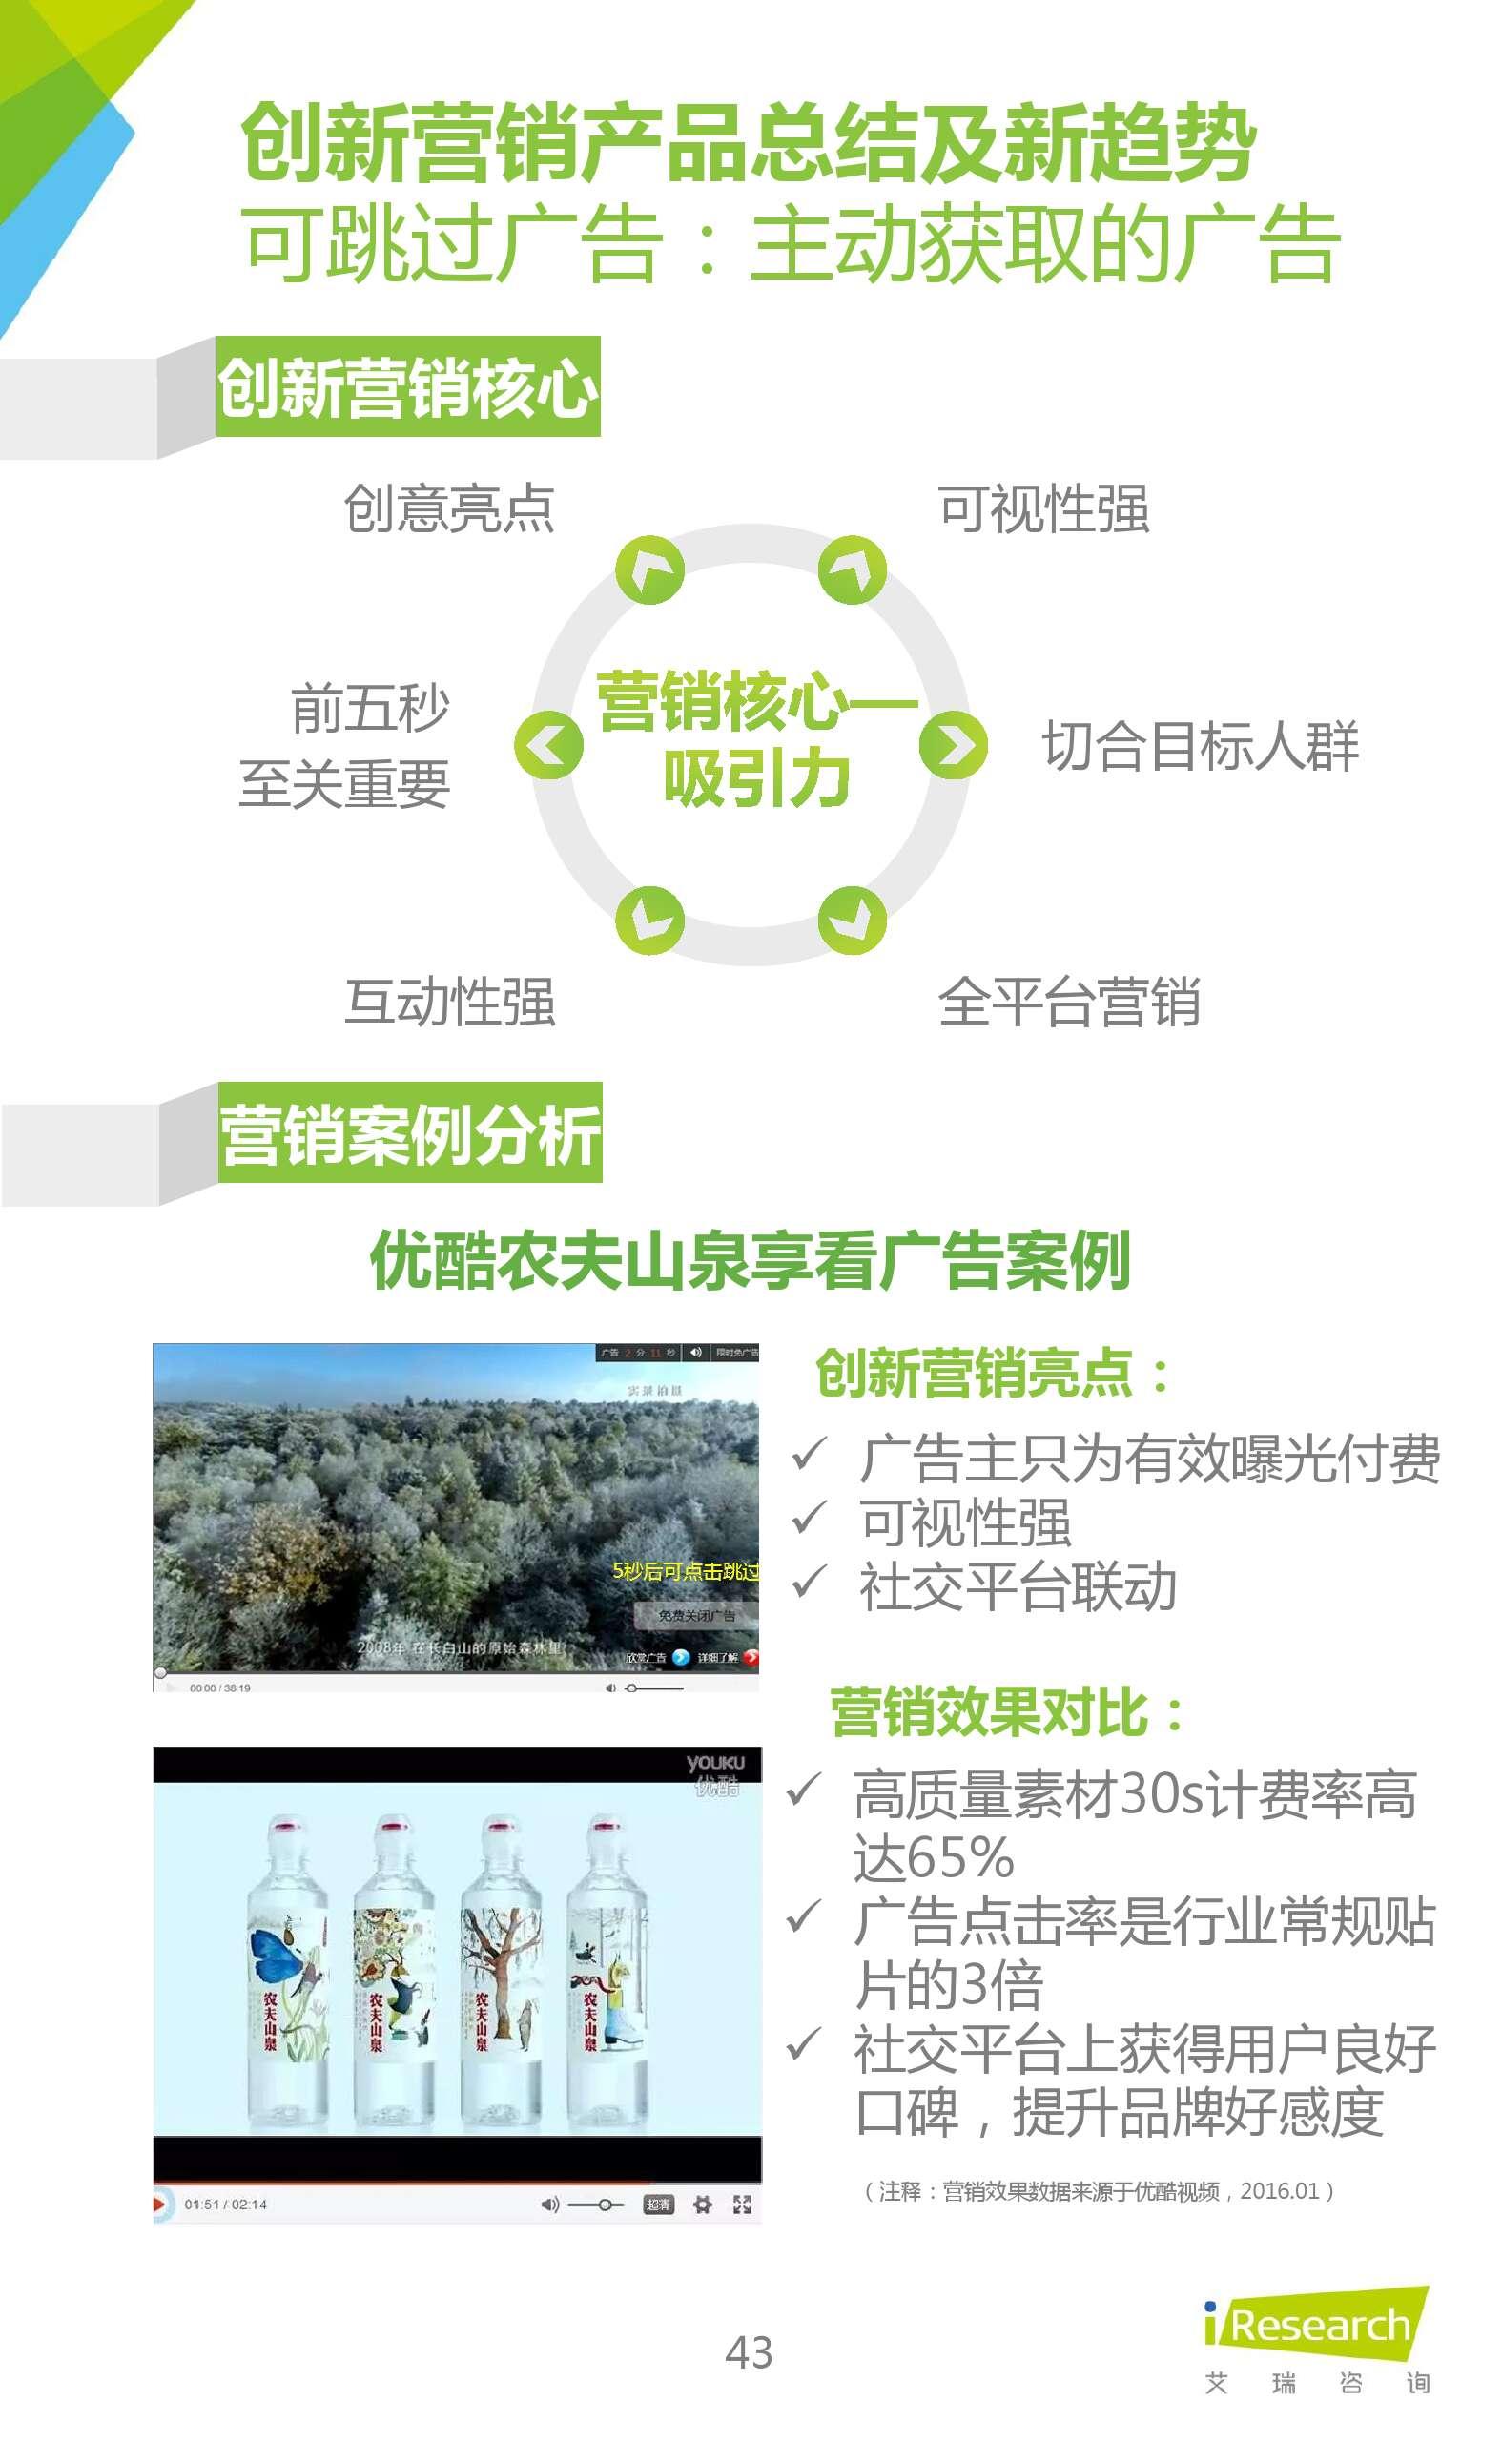 2016年中国在线视频企业创新营销研究_000043